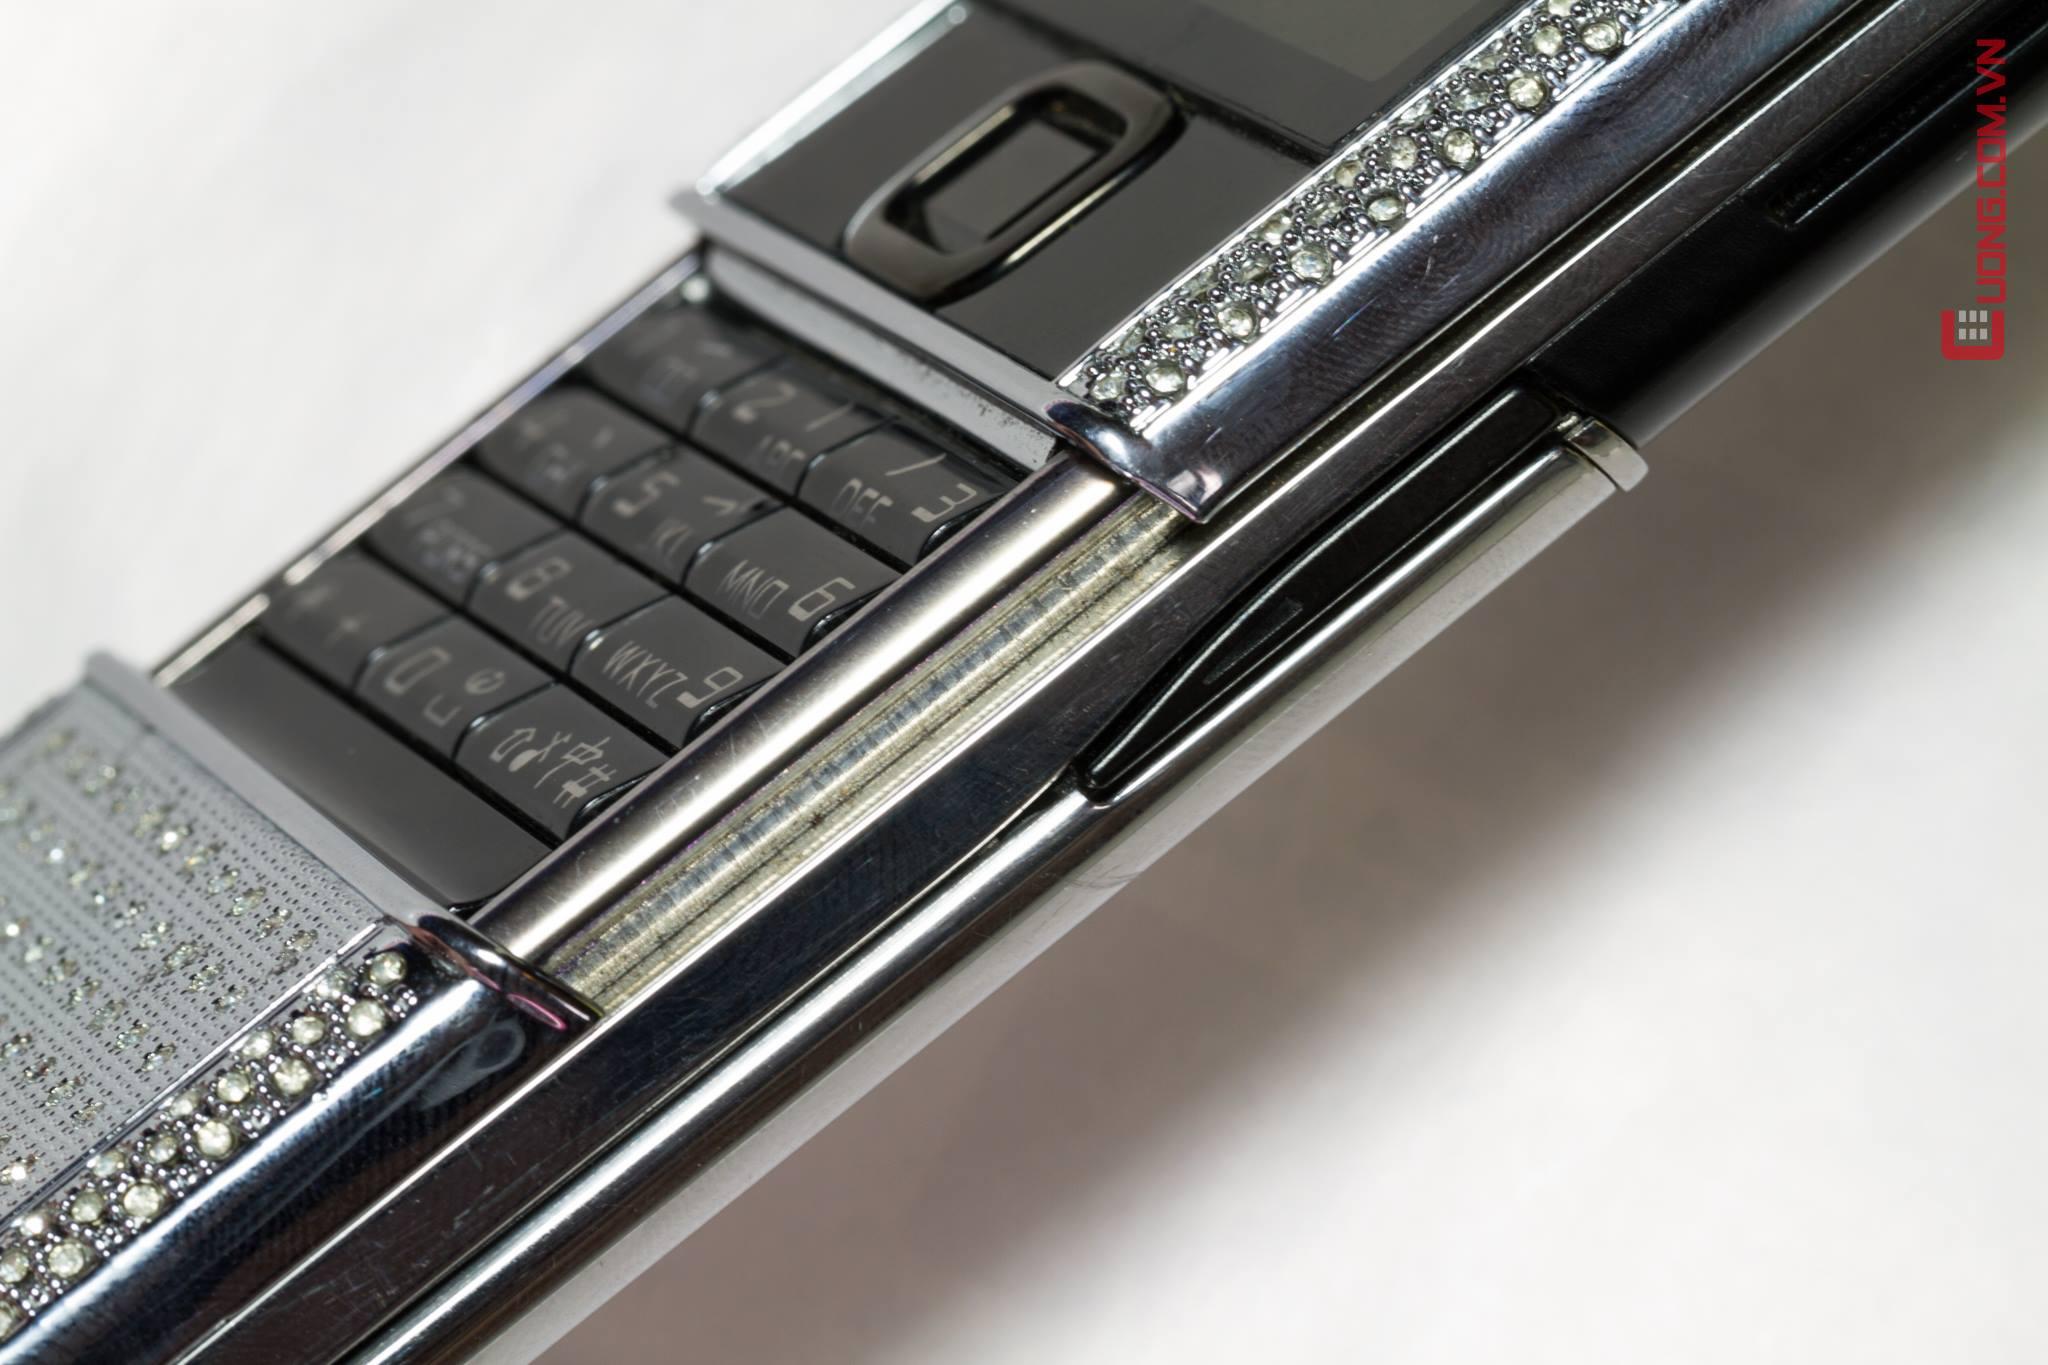 Nokia 8800 Arte Full Diamond được nạm kim cương và đính đá ở viền xung quanh